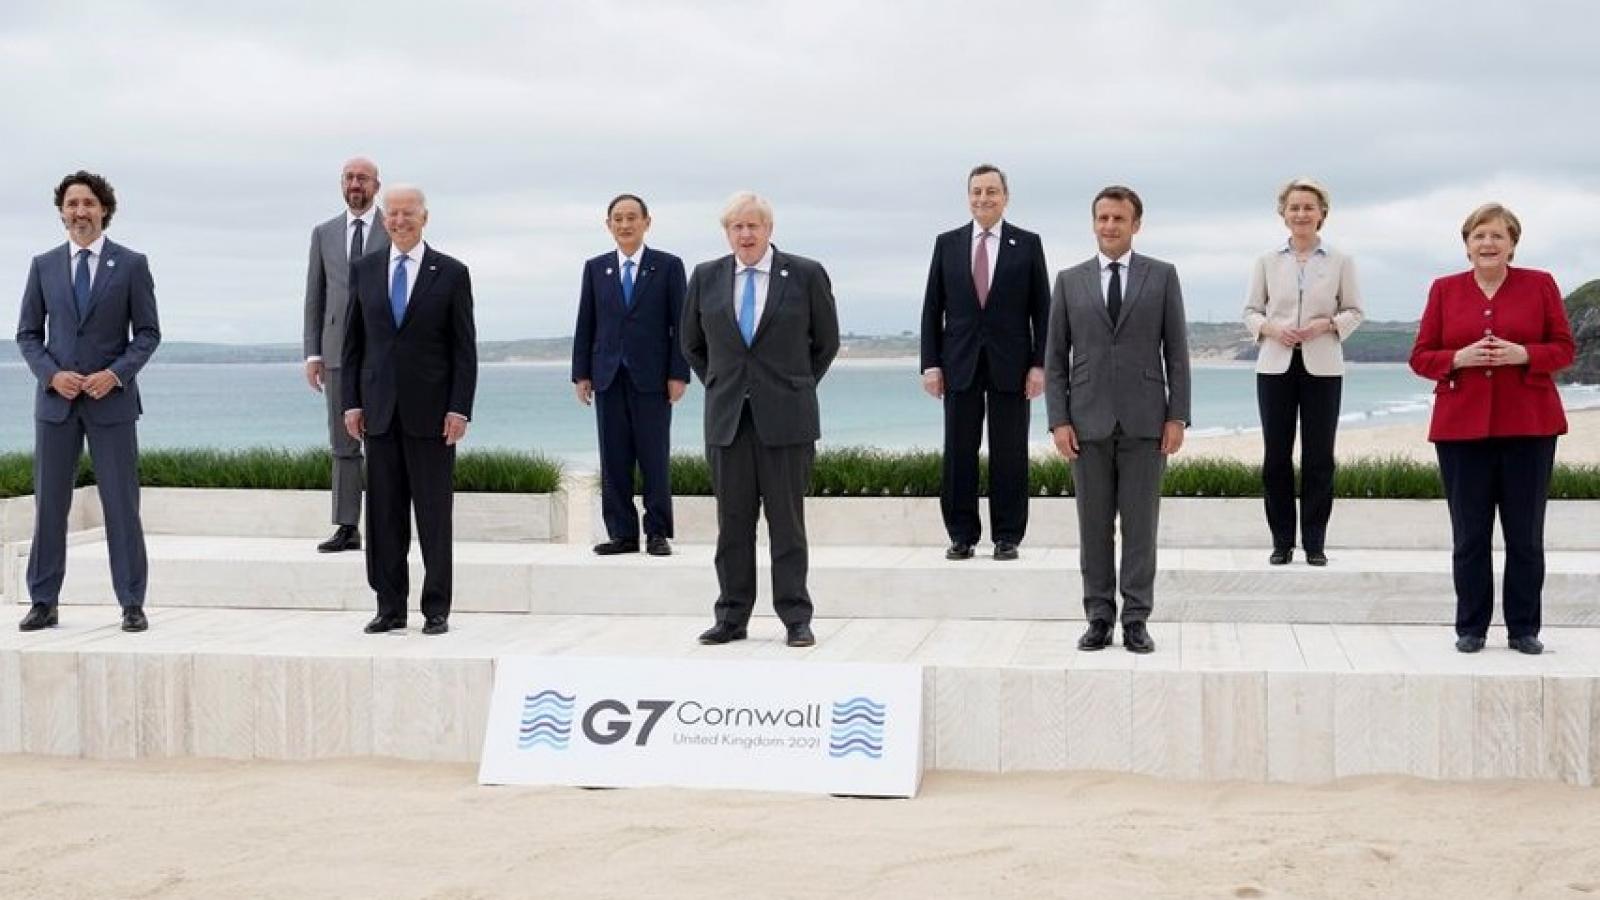 Quan chức Mỹ: G7 sẽ dùng dự án hạ tầng để đối phó Vành đai và Con đường của Trung Quốc